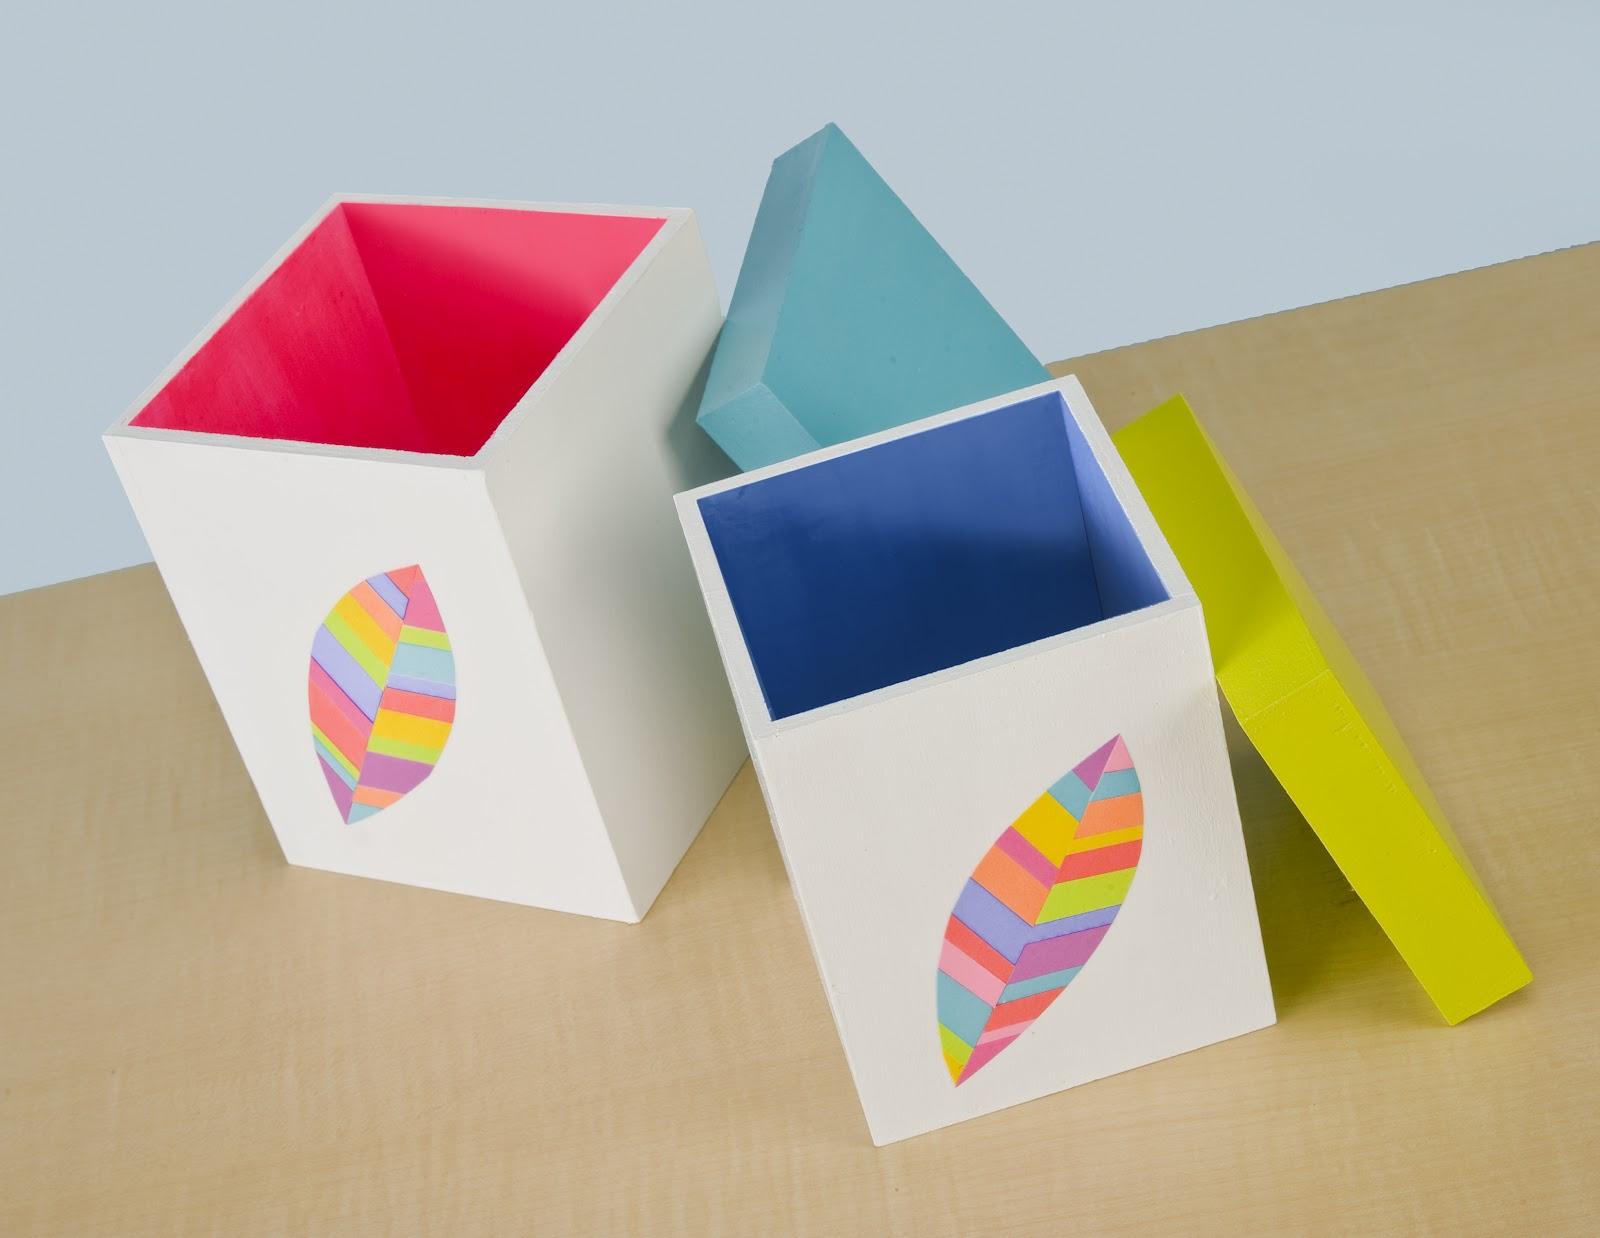 мастер класс декупаж деревянного ящика радужный разноцветный лист